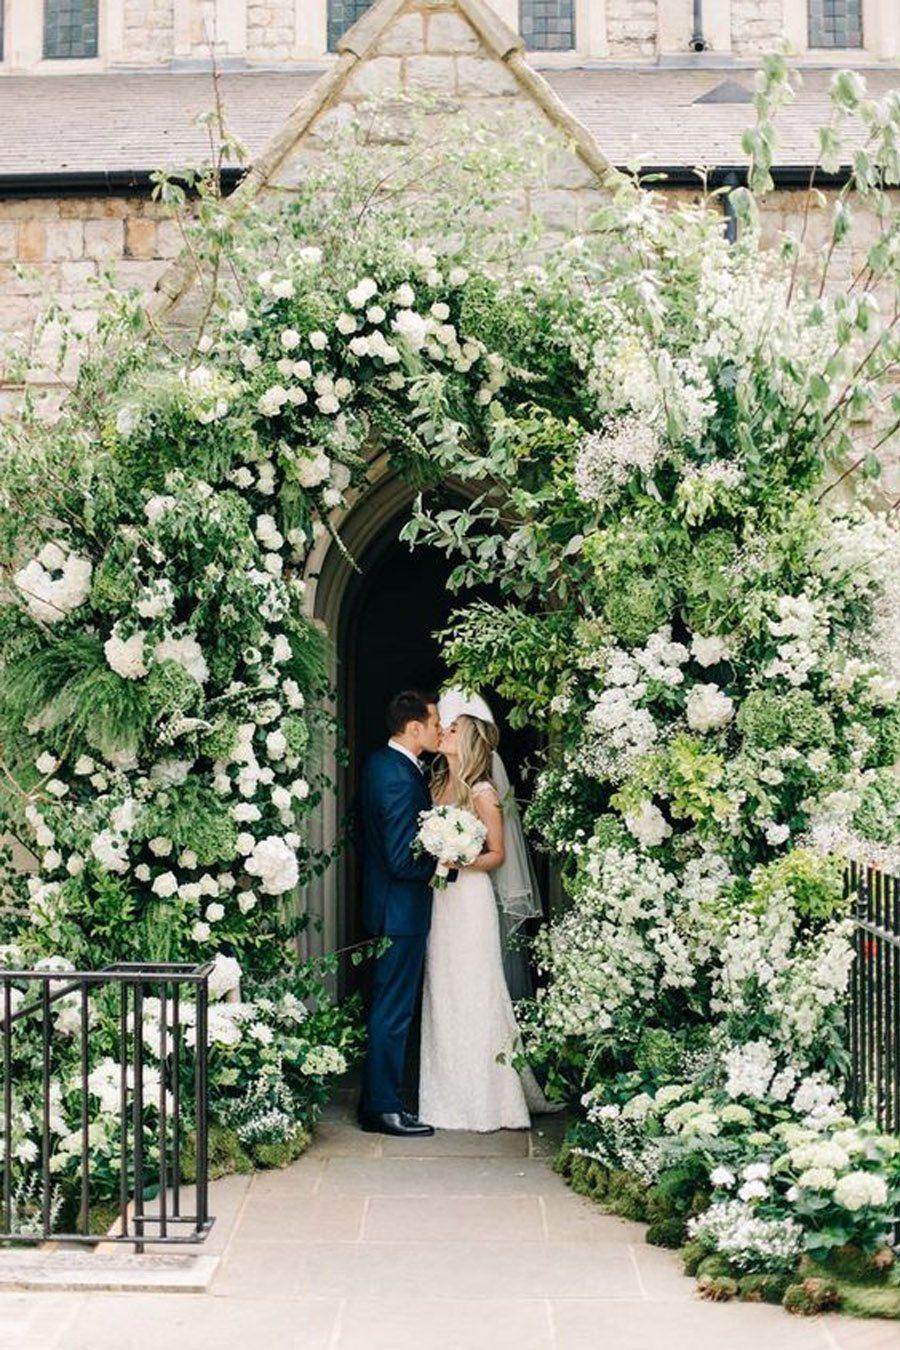 DECORACIÓN DE ENTRADA A LA IGLESIA iglesia-deco-boda